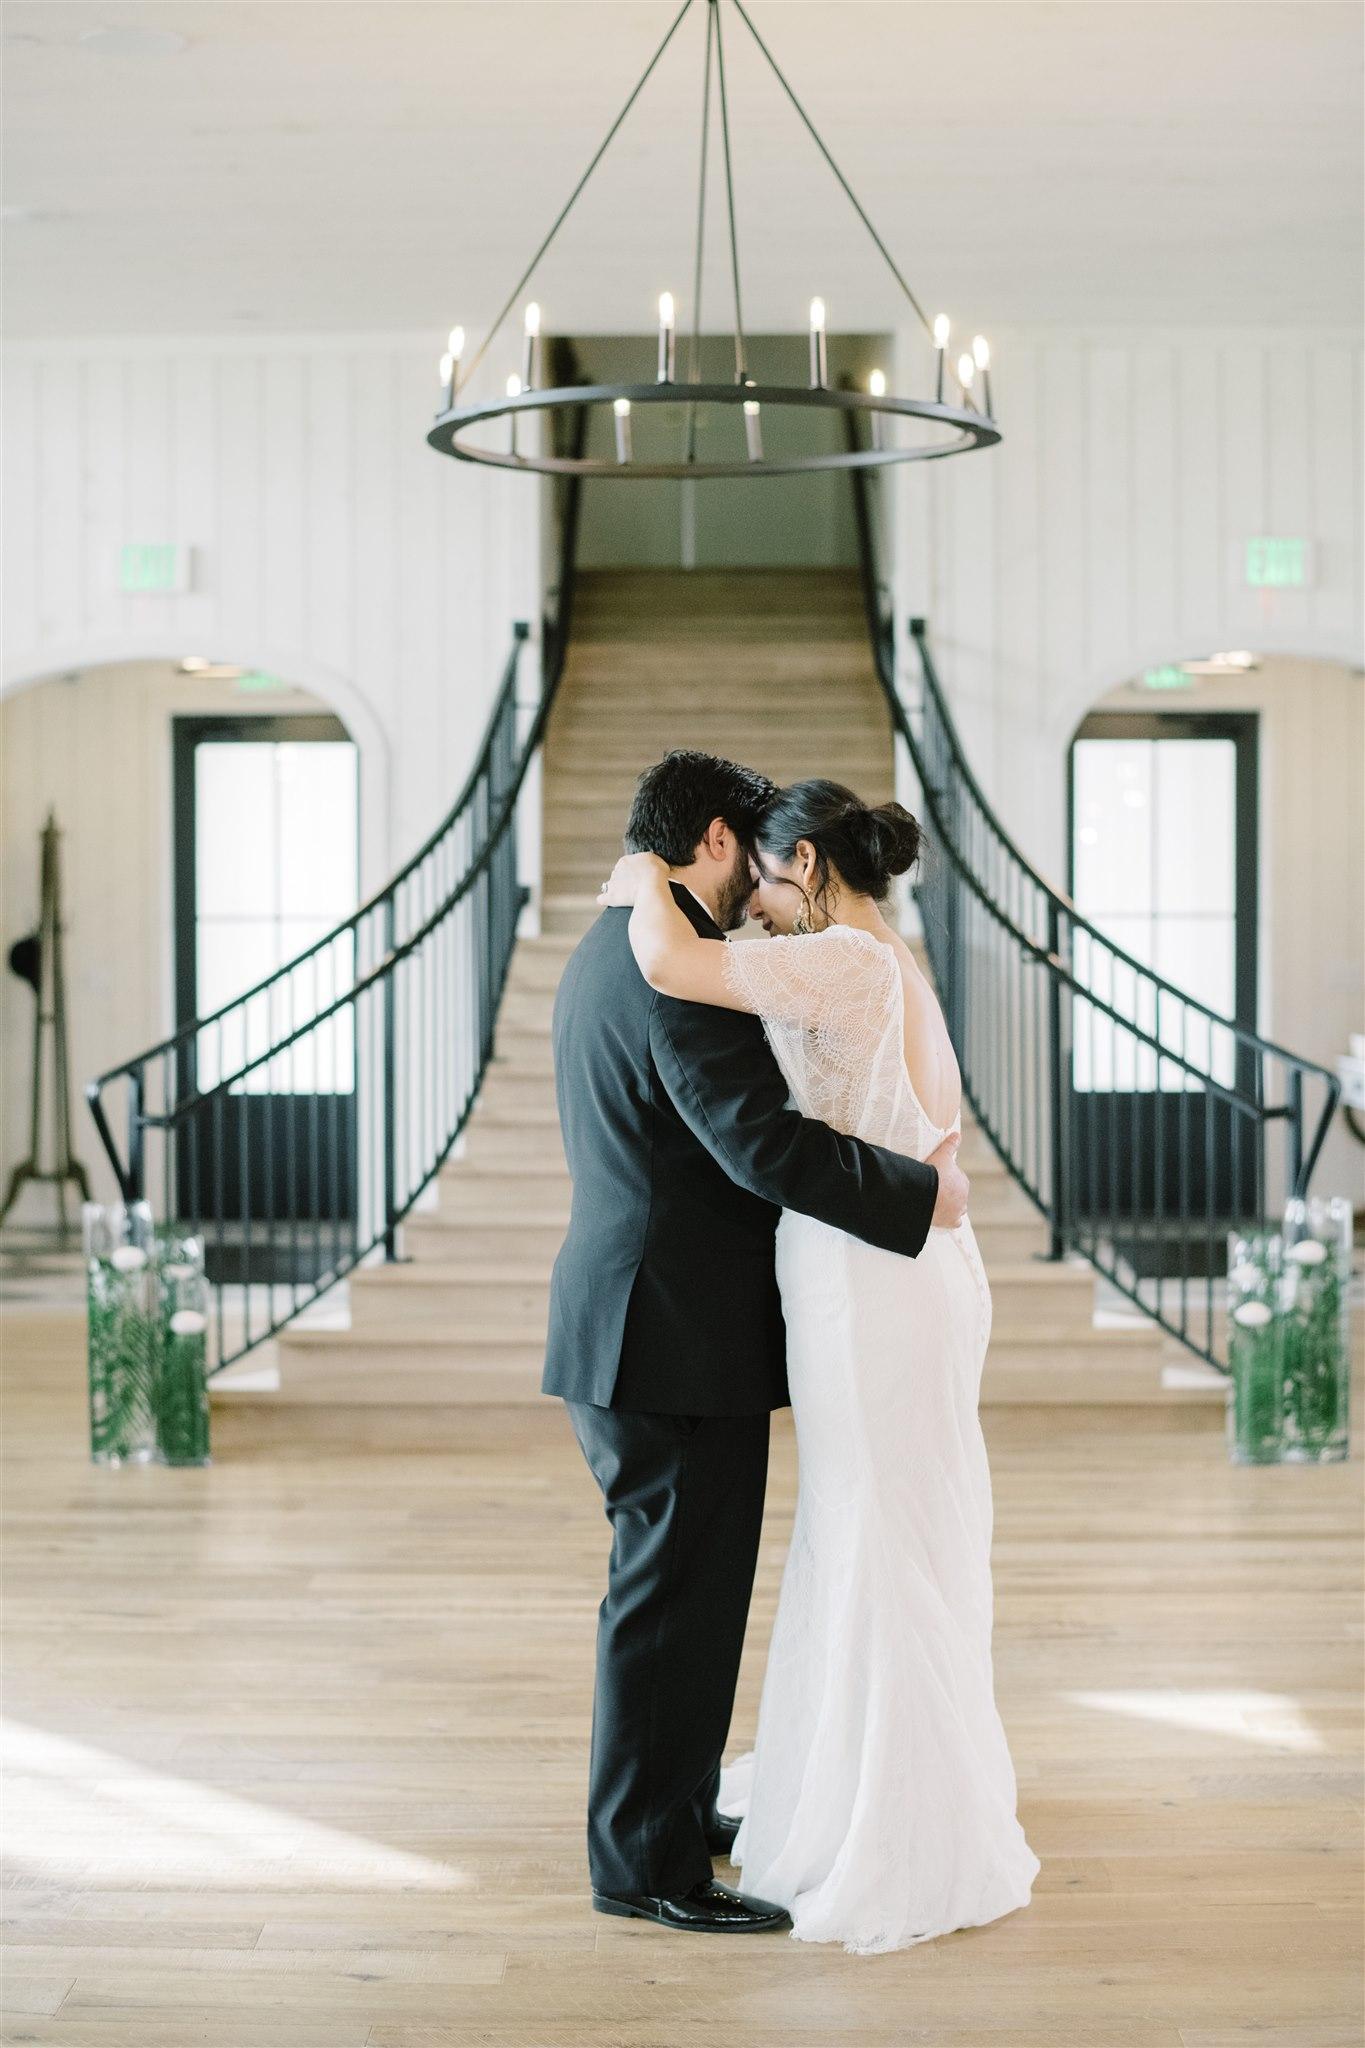 heidi_michael_wedding_06483.jpg